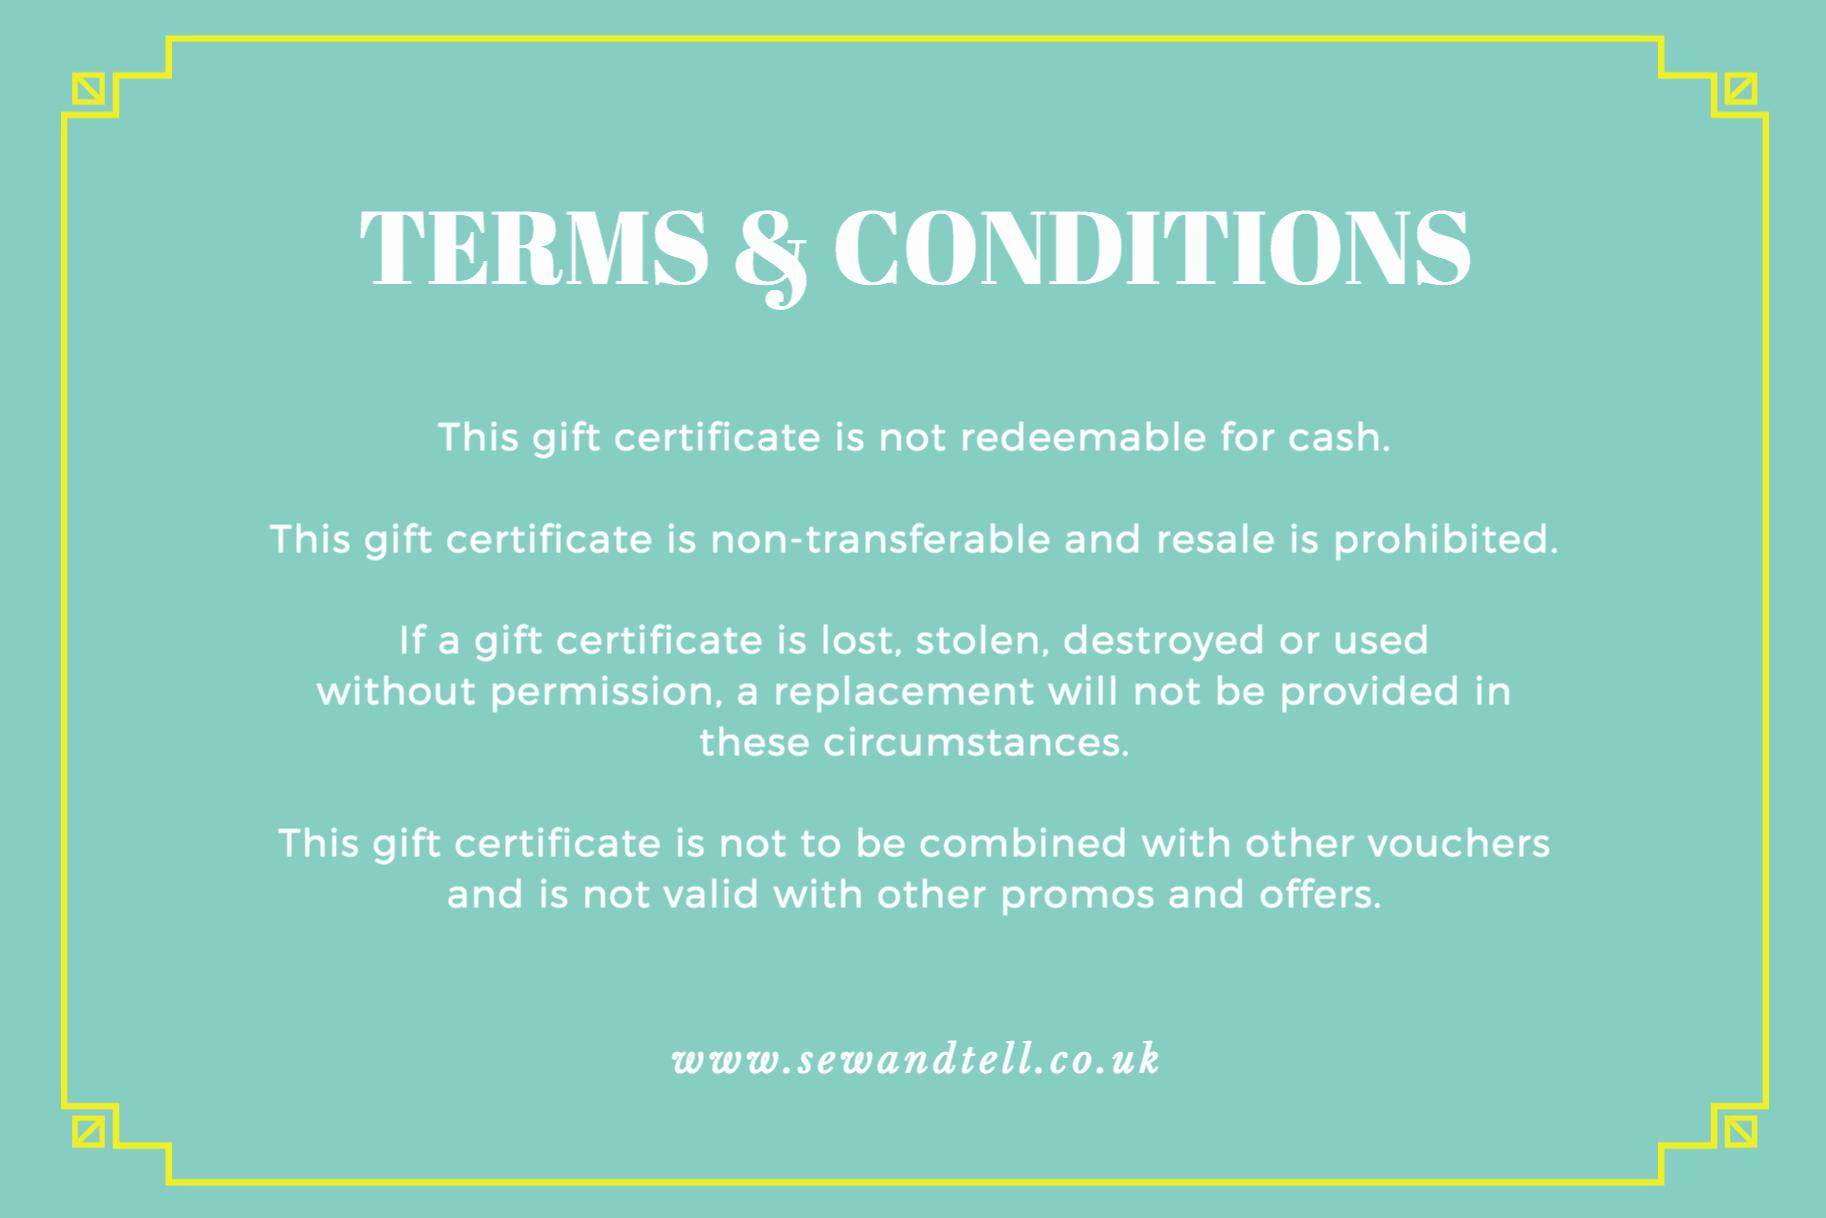 Hotel Gift Certificate Template Portablegasgrillweber